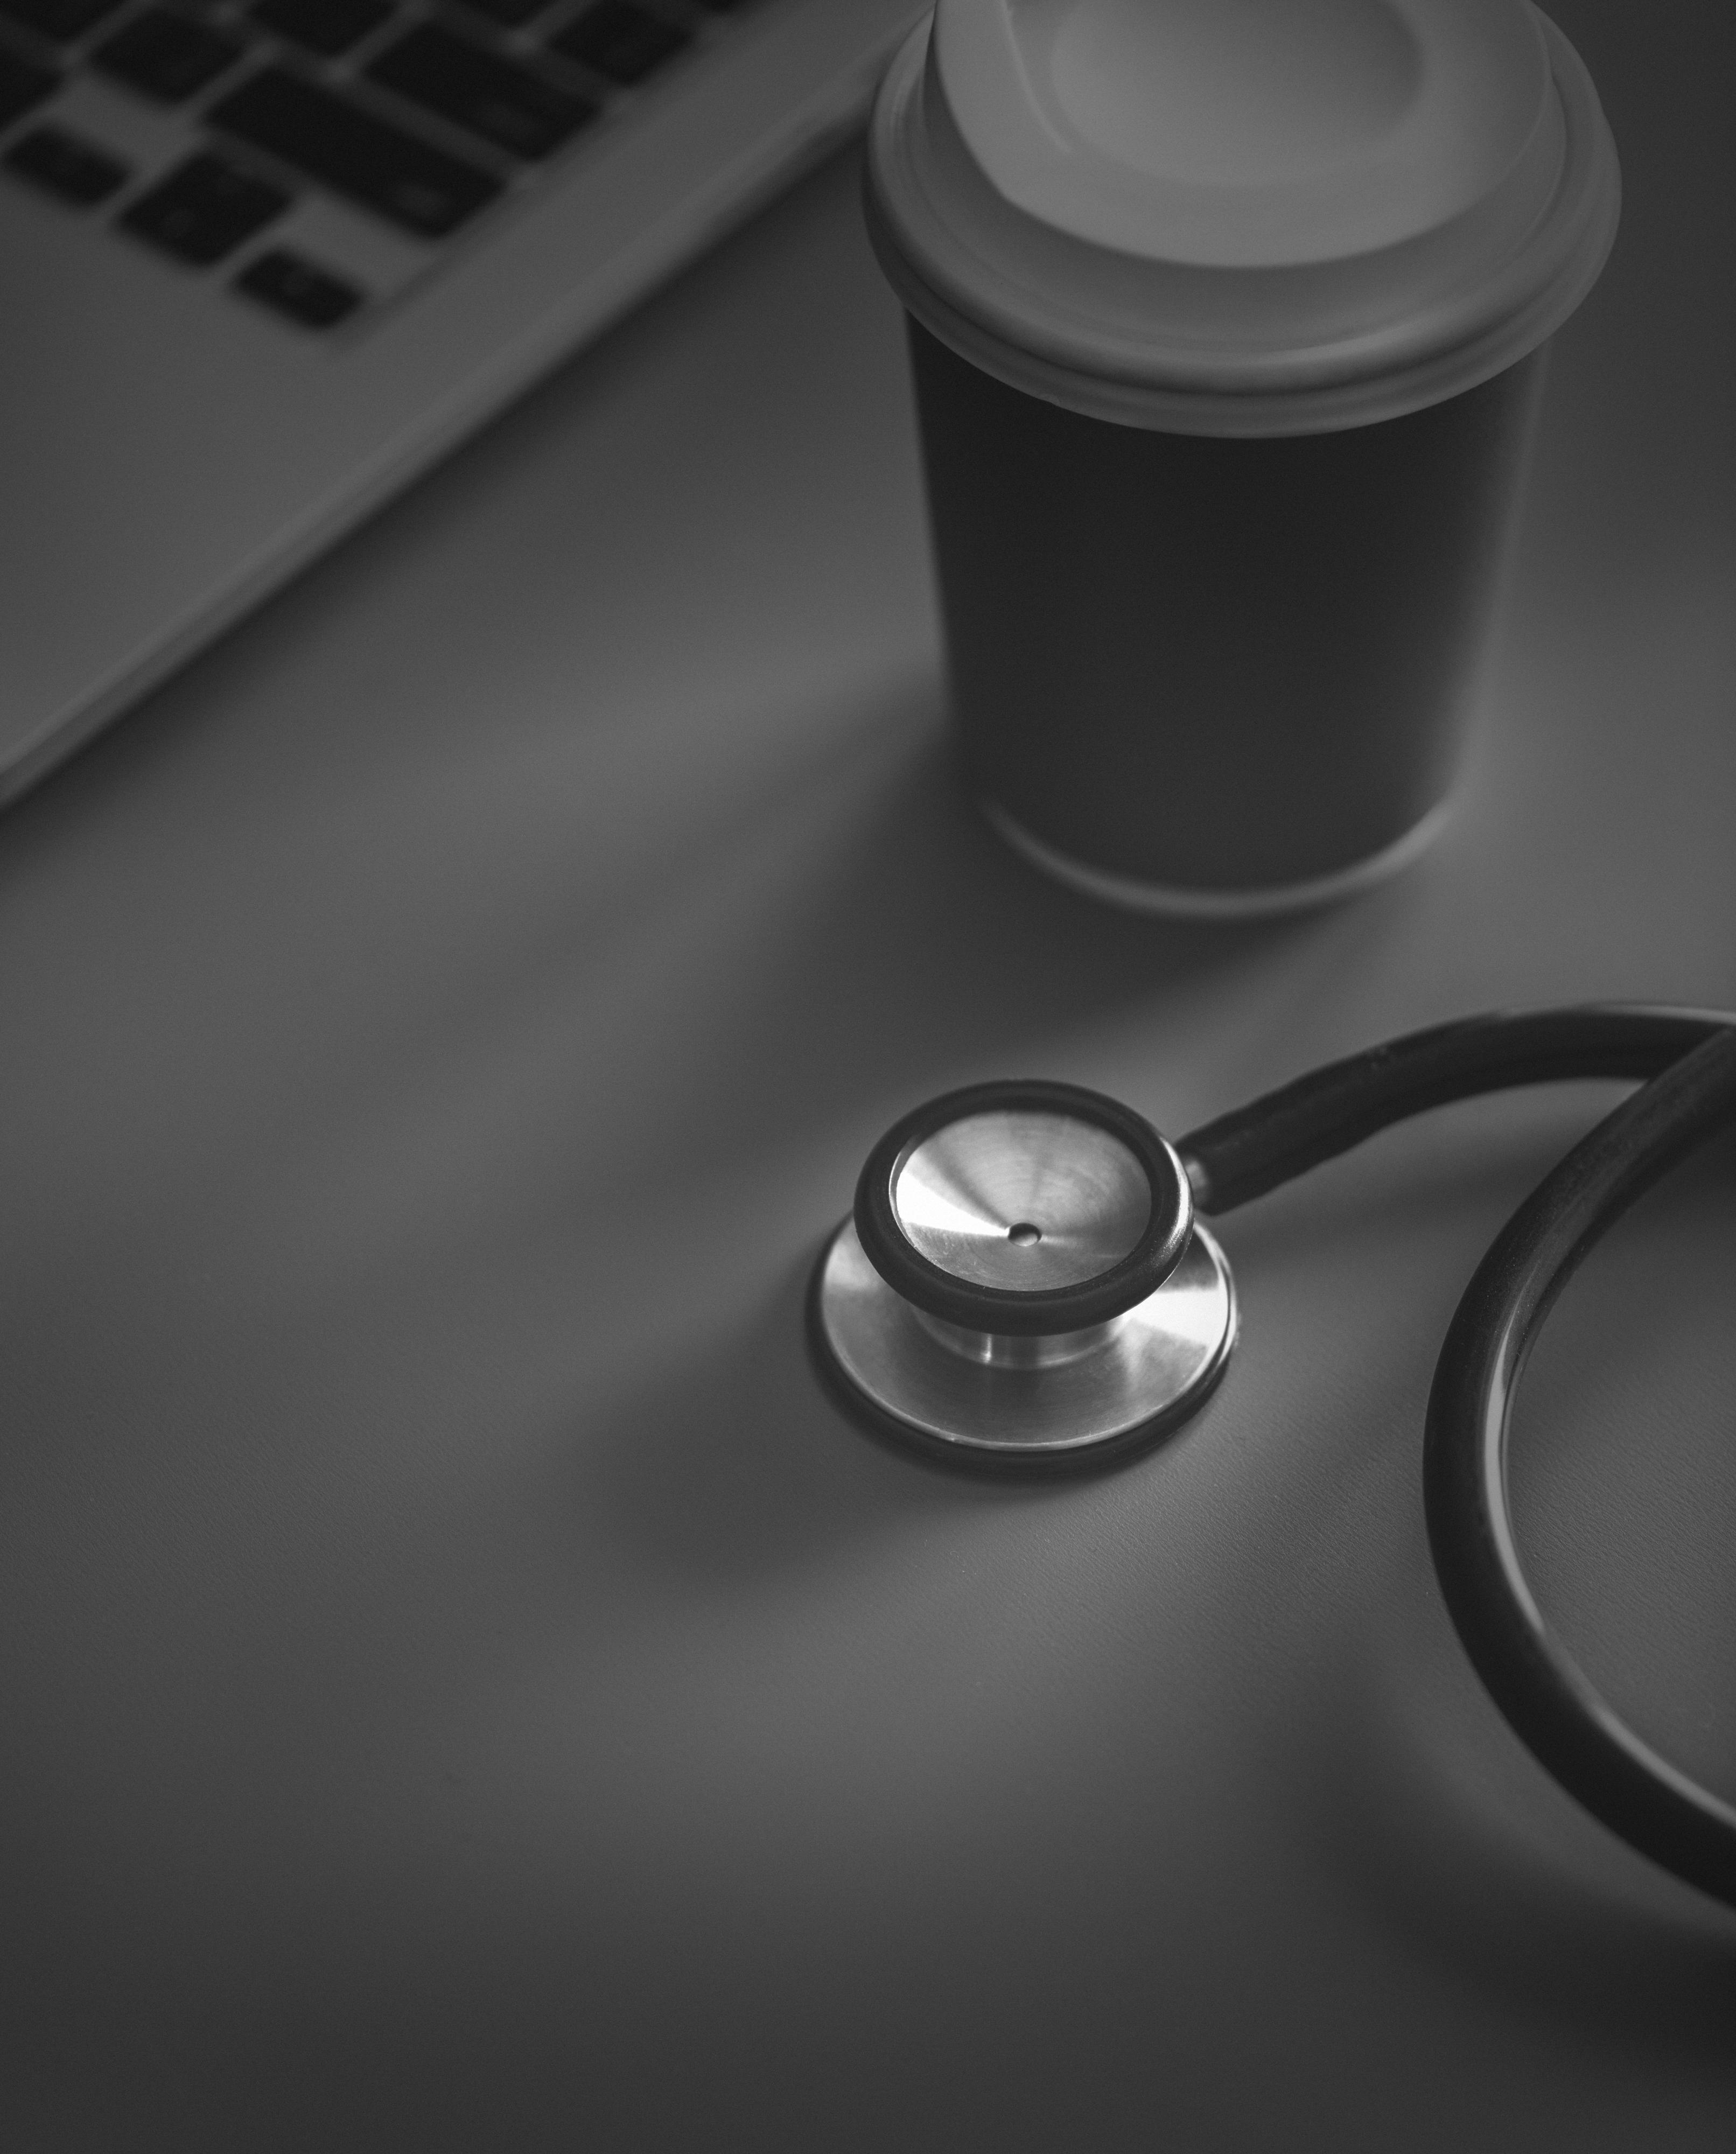 Gambar Hitam Dan Putih Bw Peduli Pemeriksaan Klinis Kopi